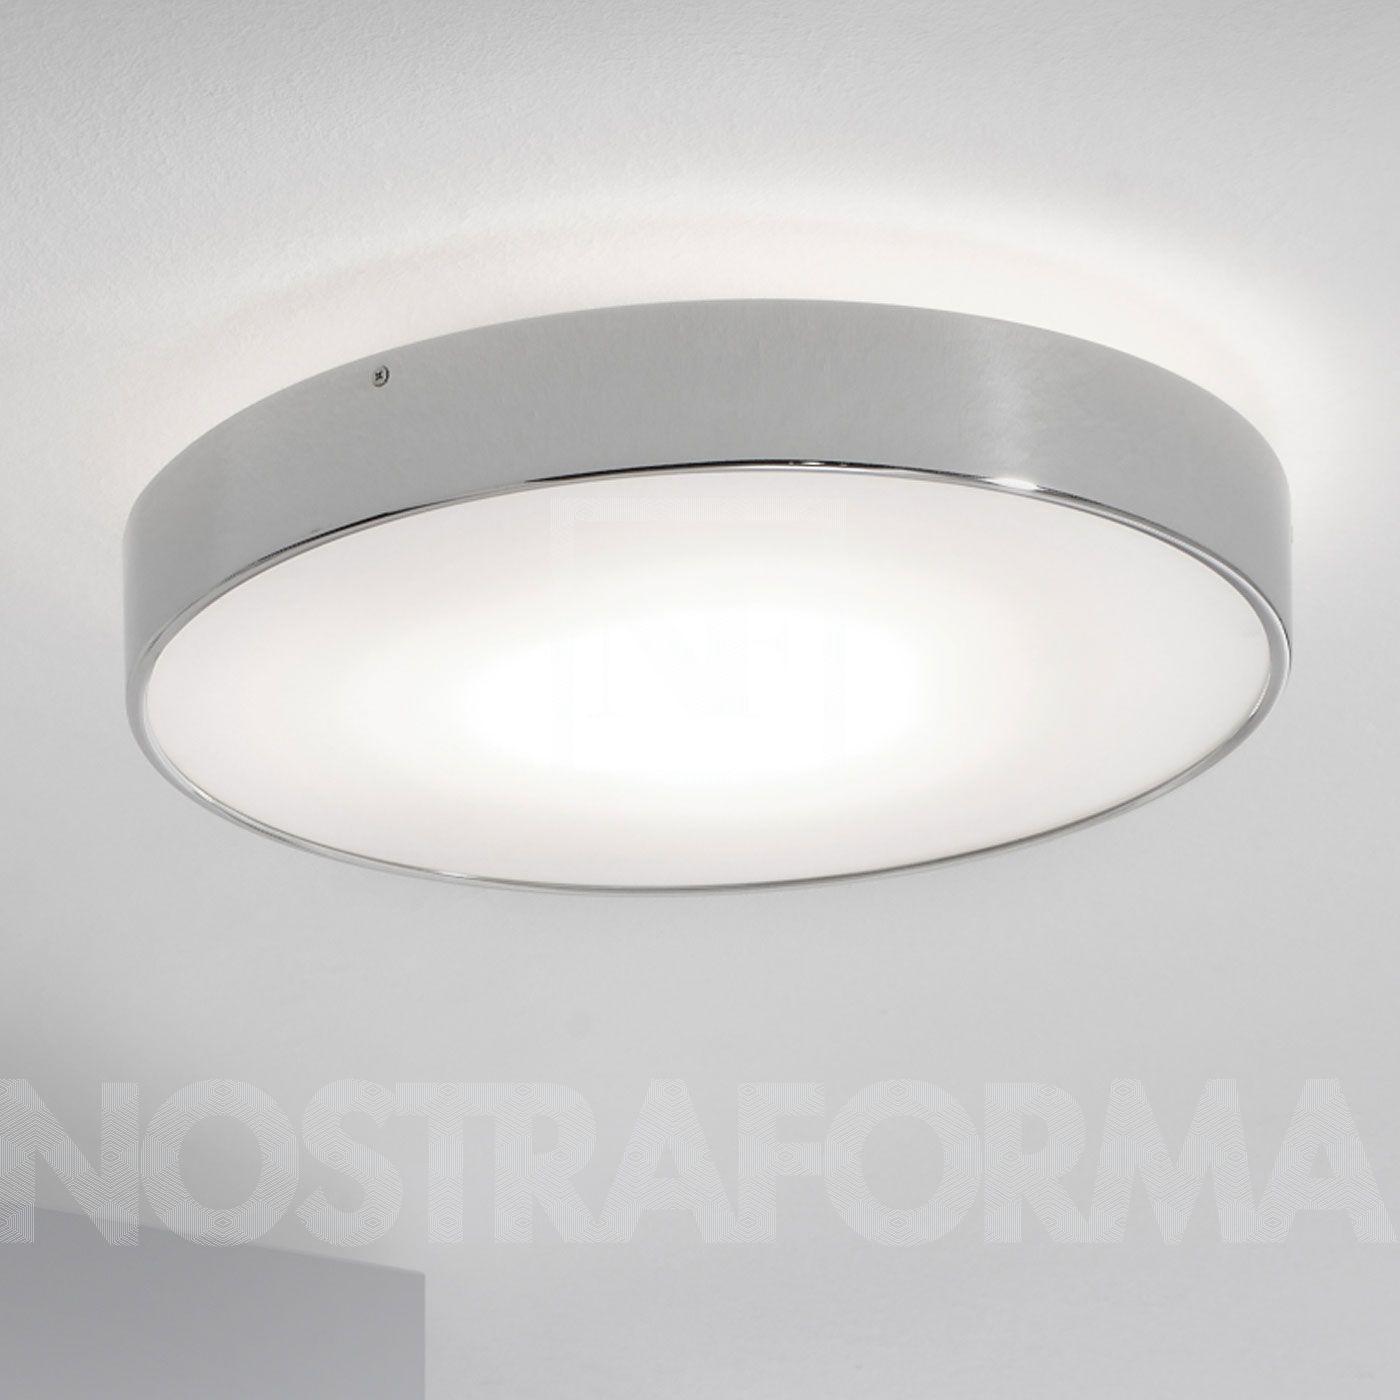 Milan Inoxx Deckenleuchte Groß Ceiling Lights